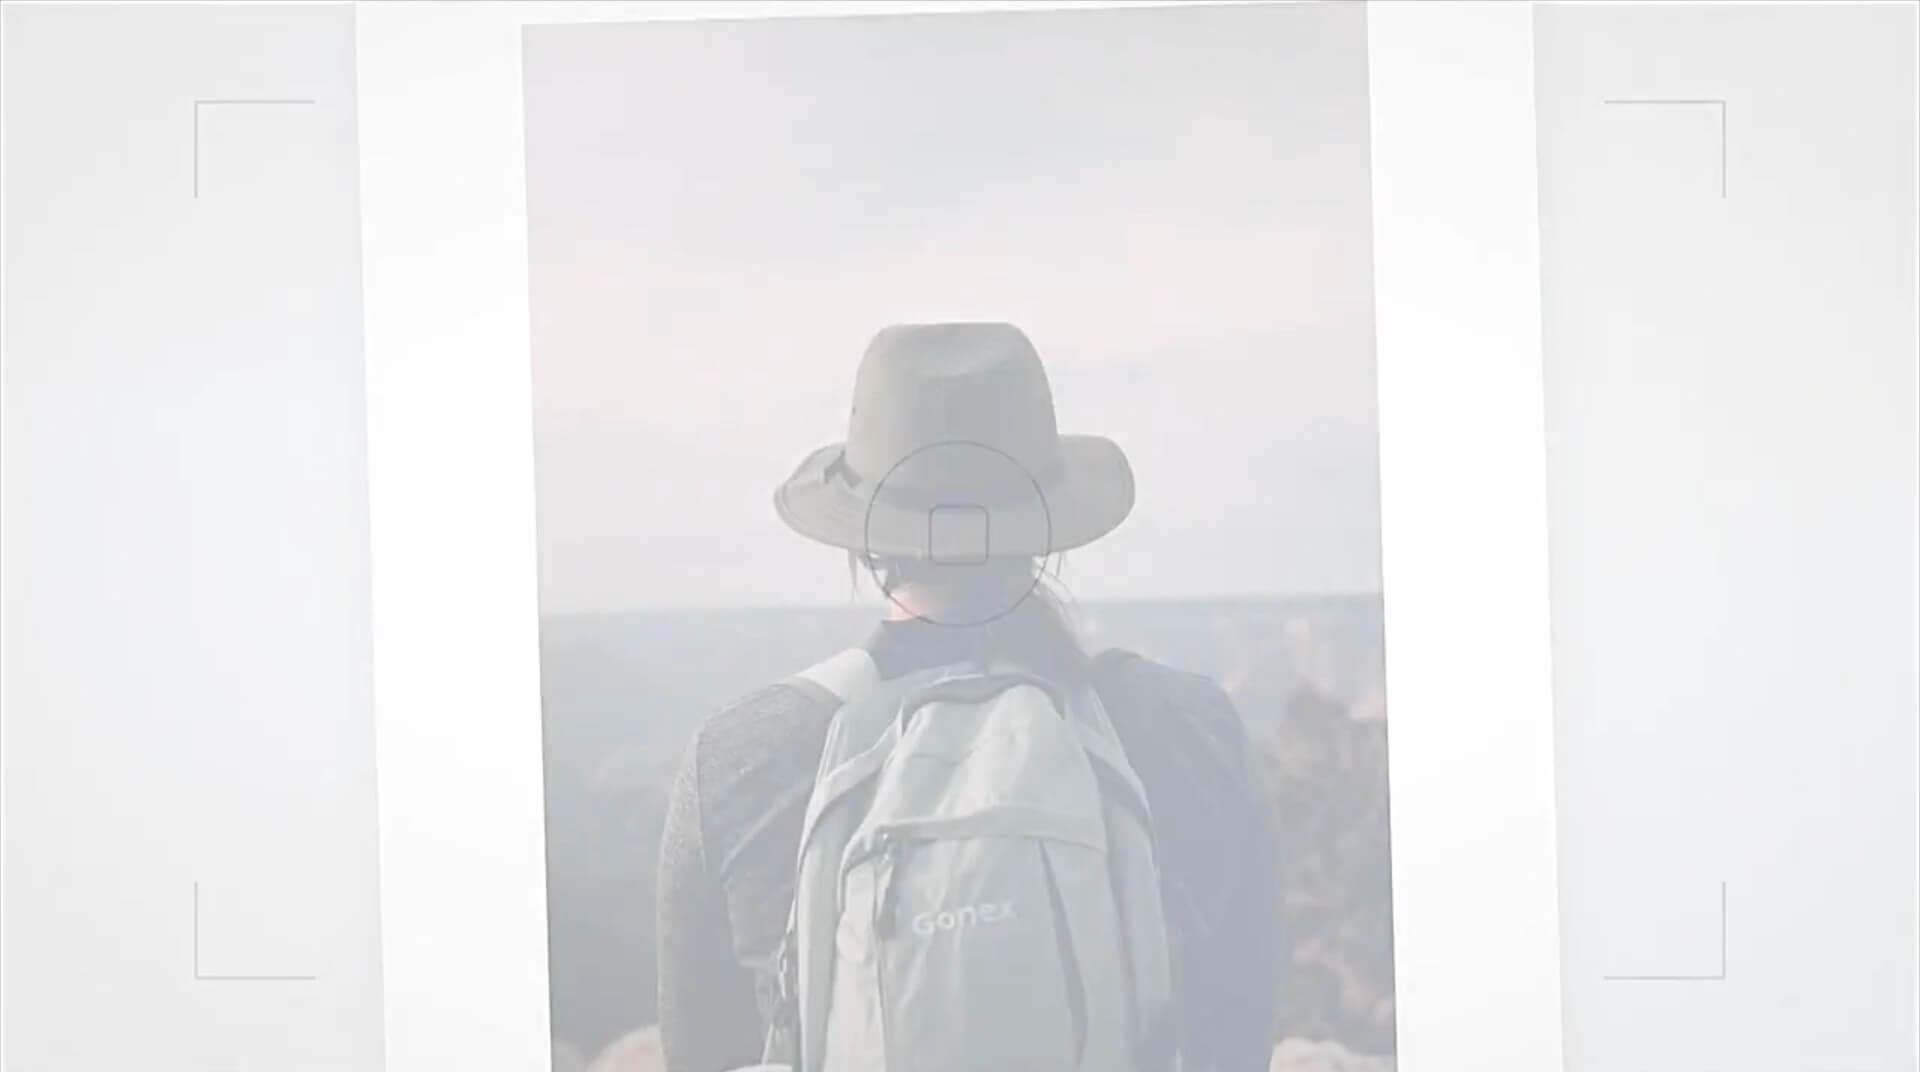 FCPX相册插件 摄影快门拍照相册汇聚片头 Photographic Logo